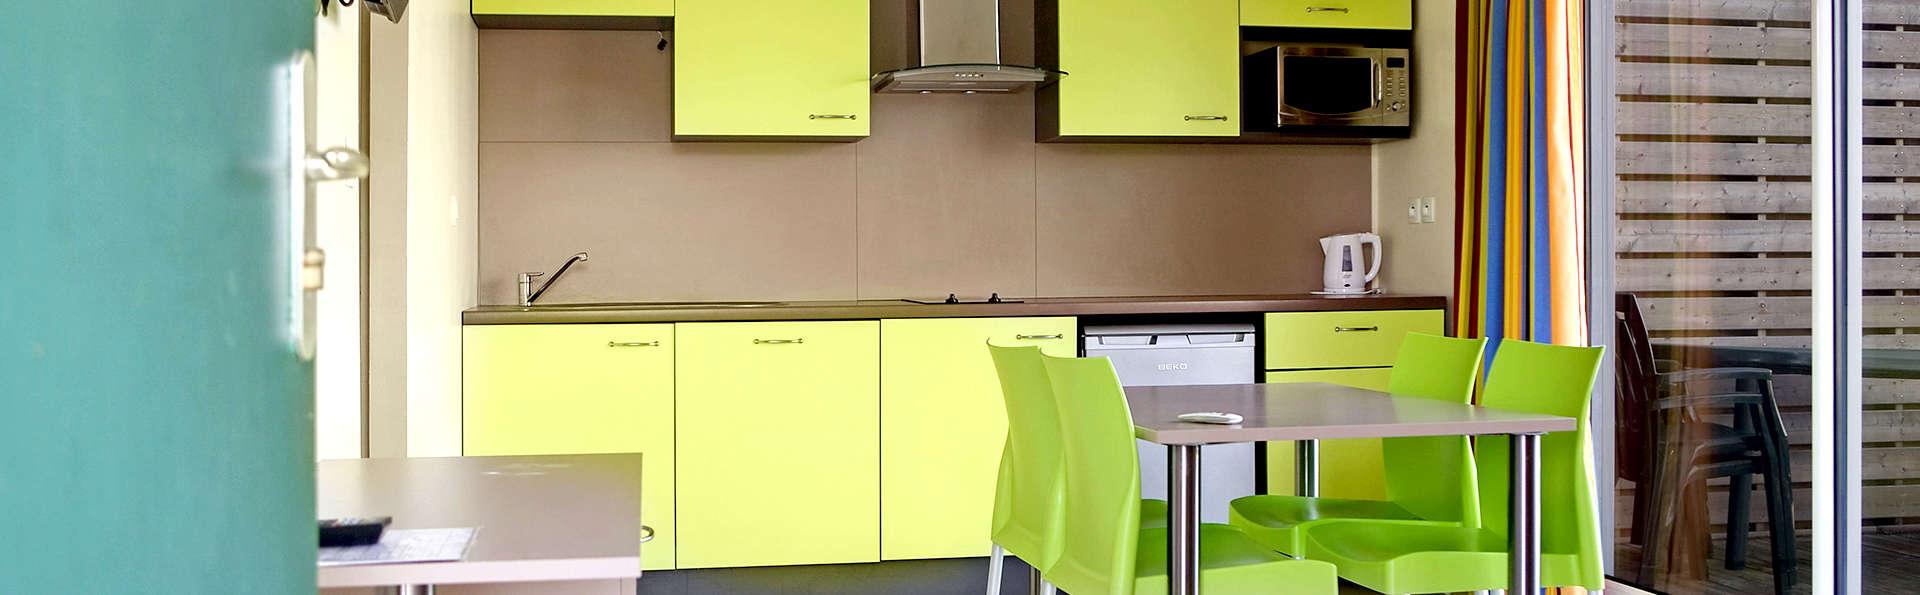 Vacancéole Le Relais du Plessis - Edit_Apartment3.jpg